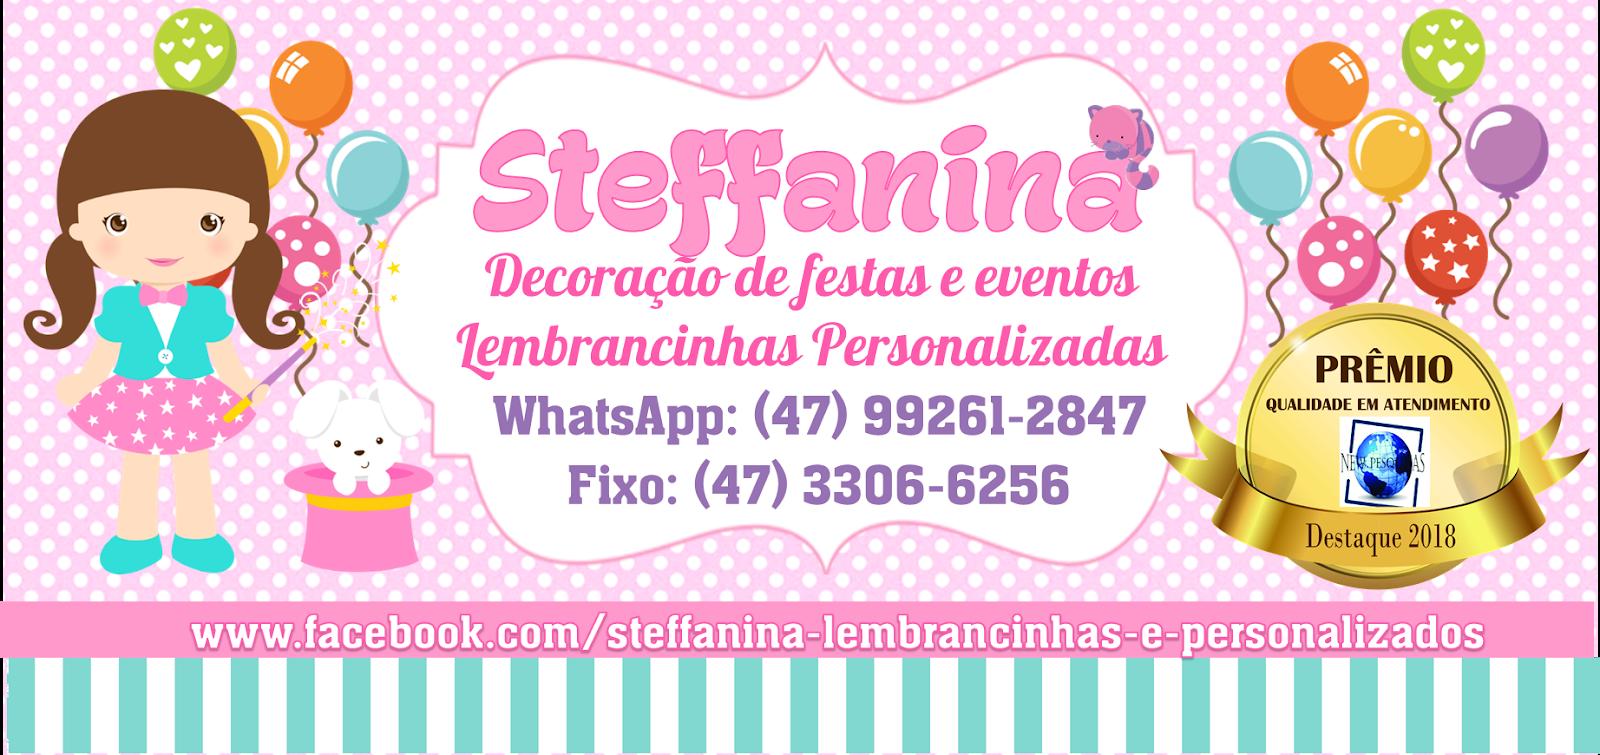 Steffanina - Decorações de Festas e Eventos